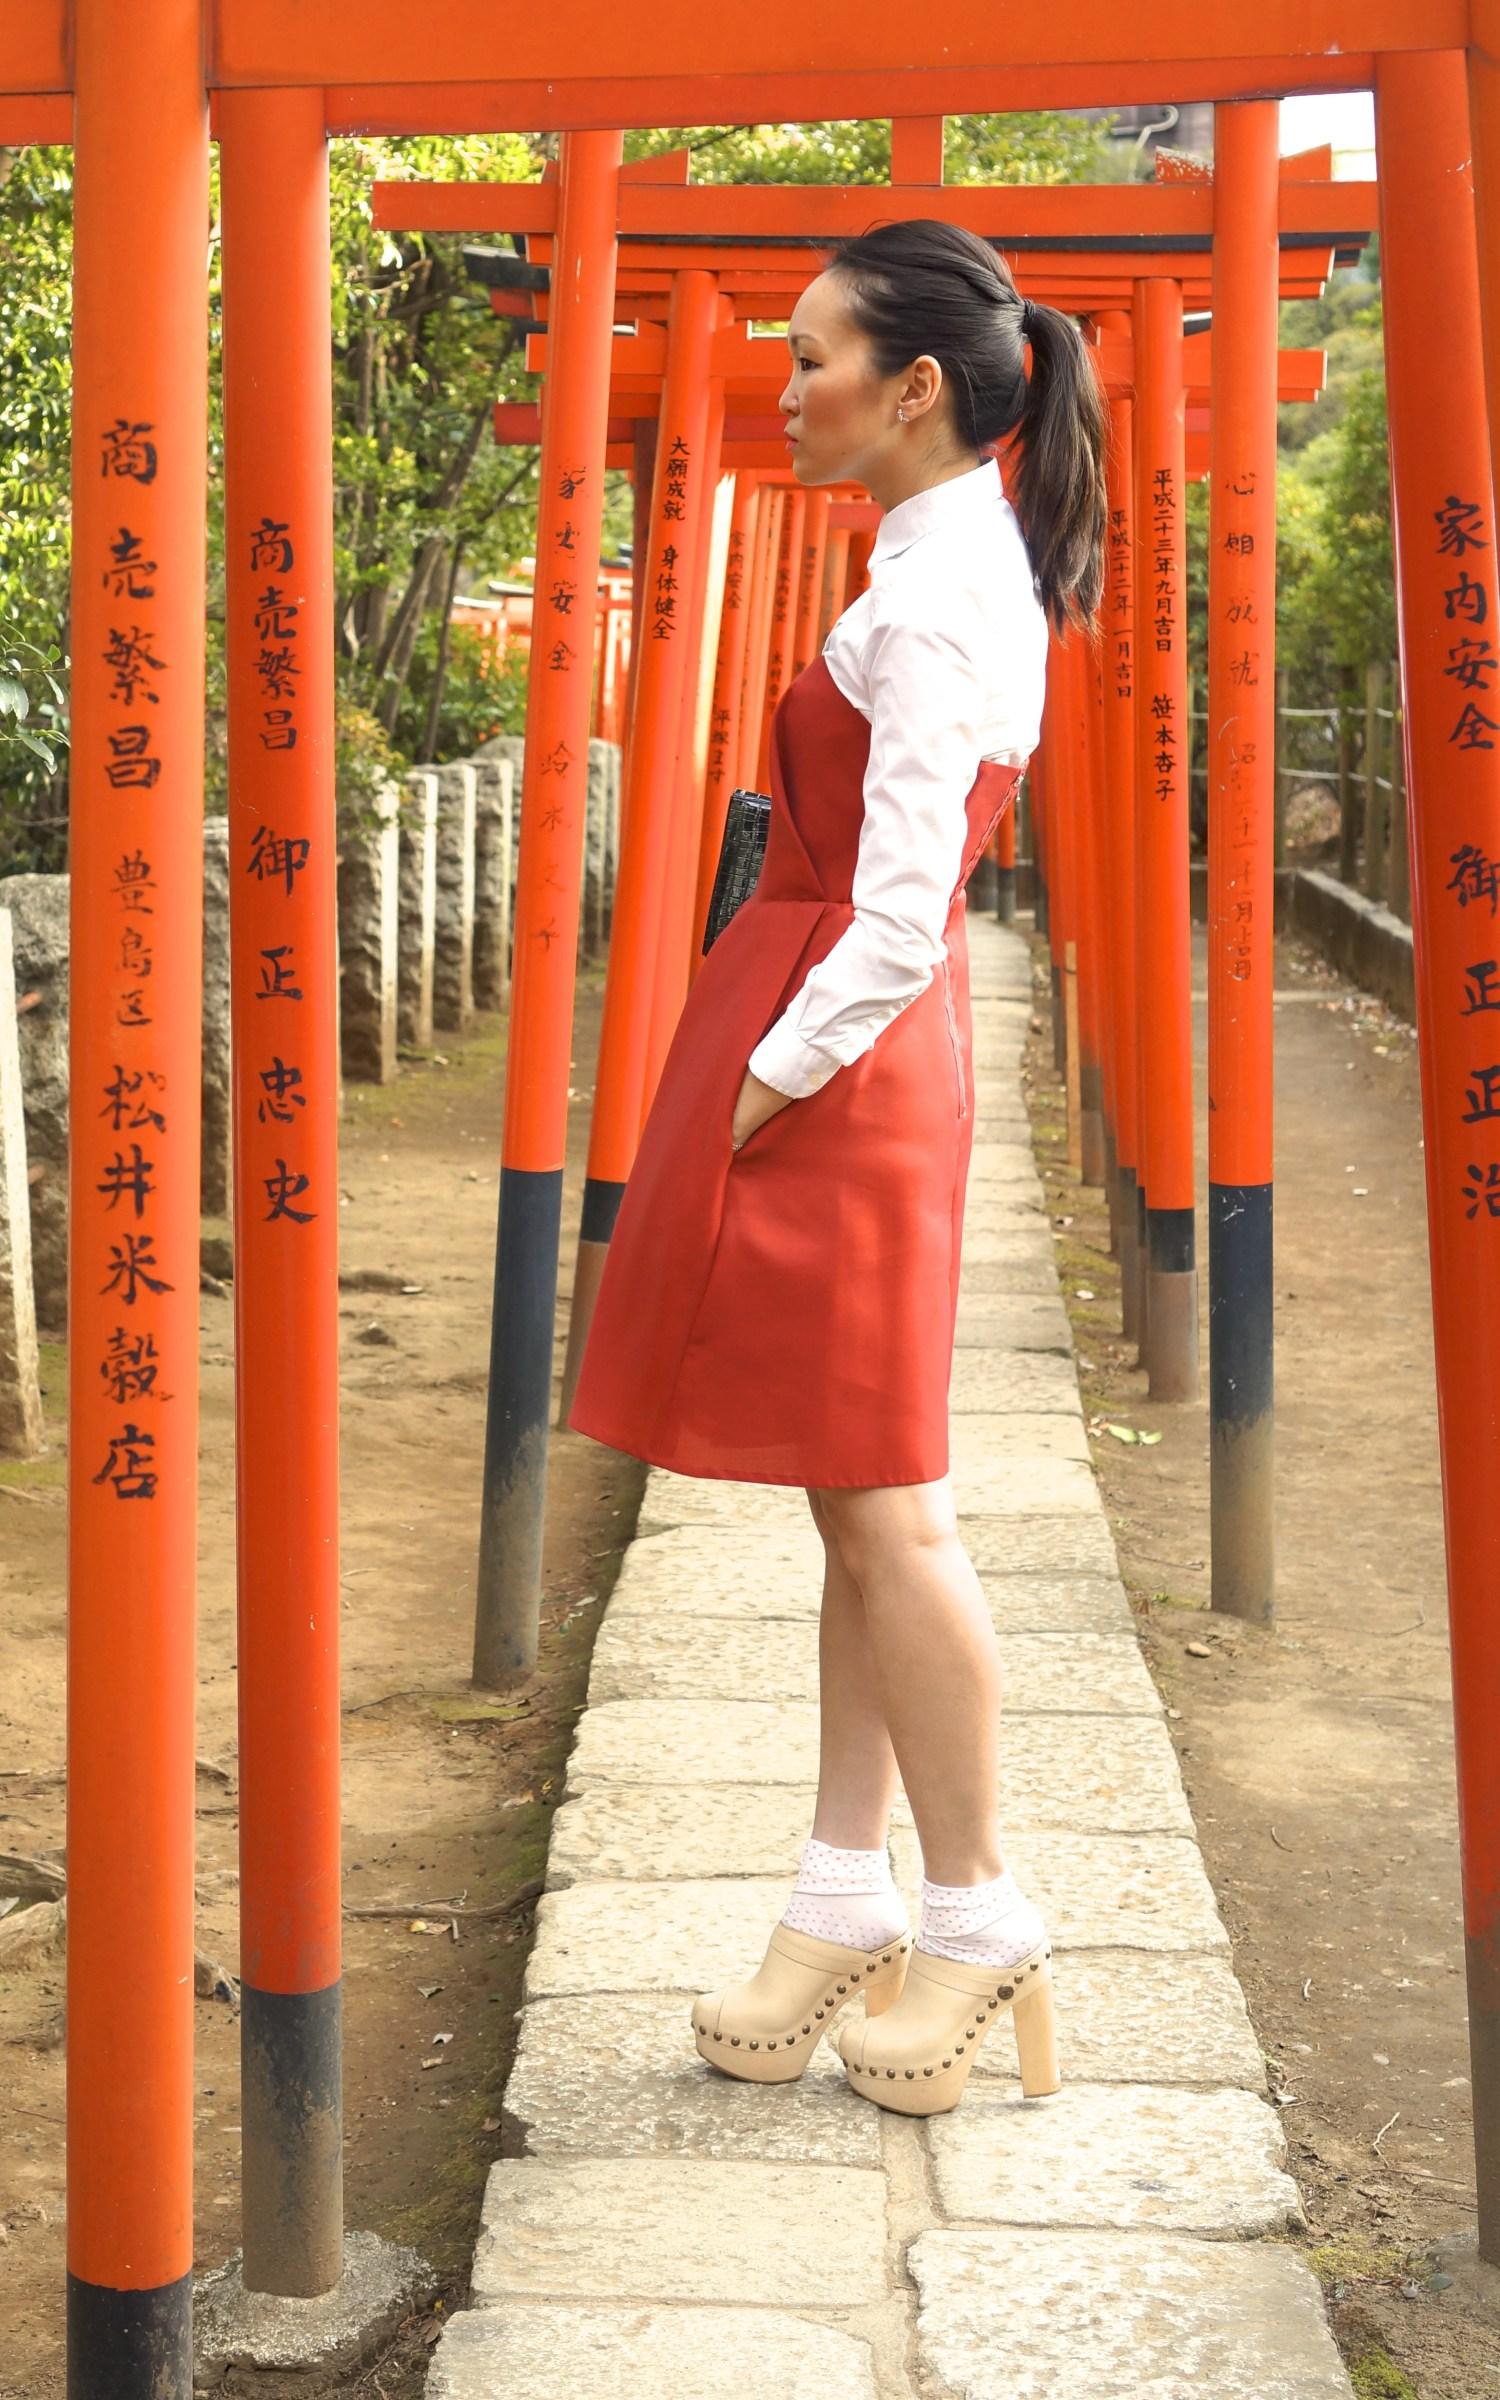 mariko kuo at the red torii at nezu shrine tokyo